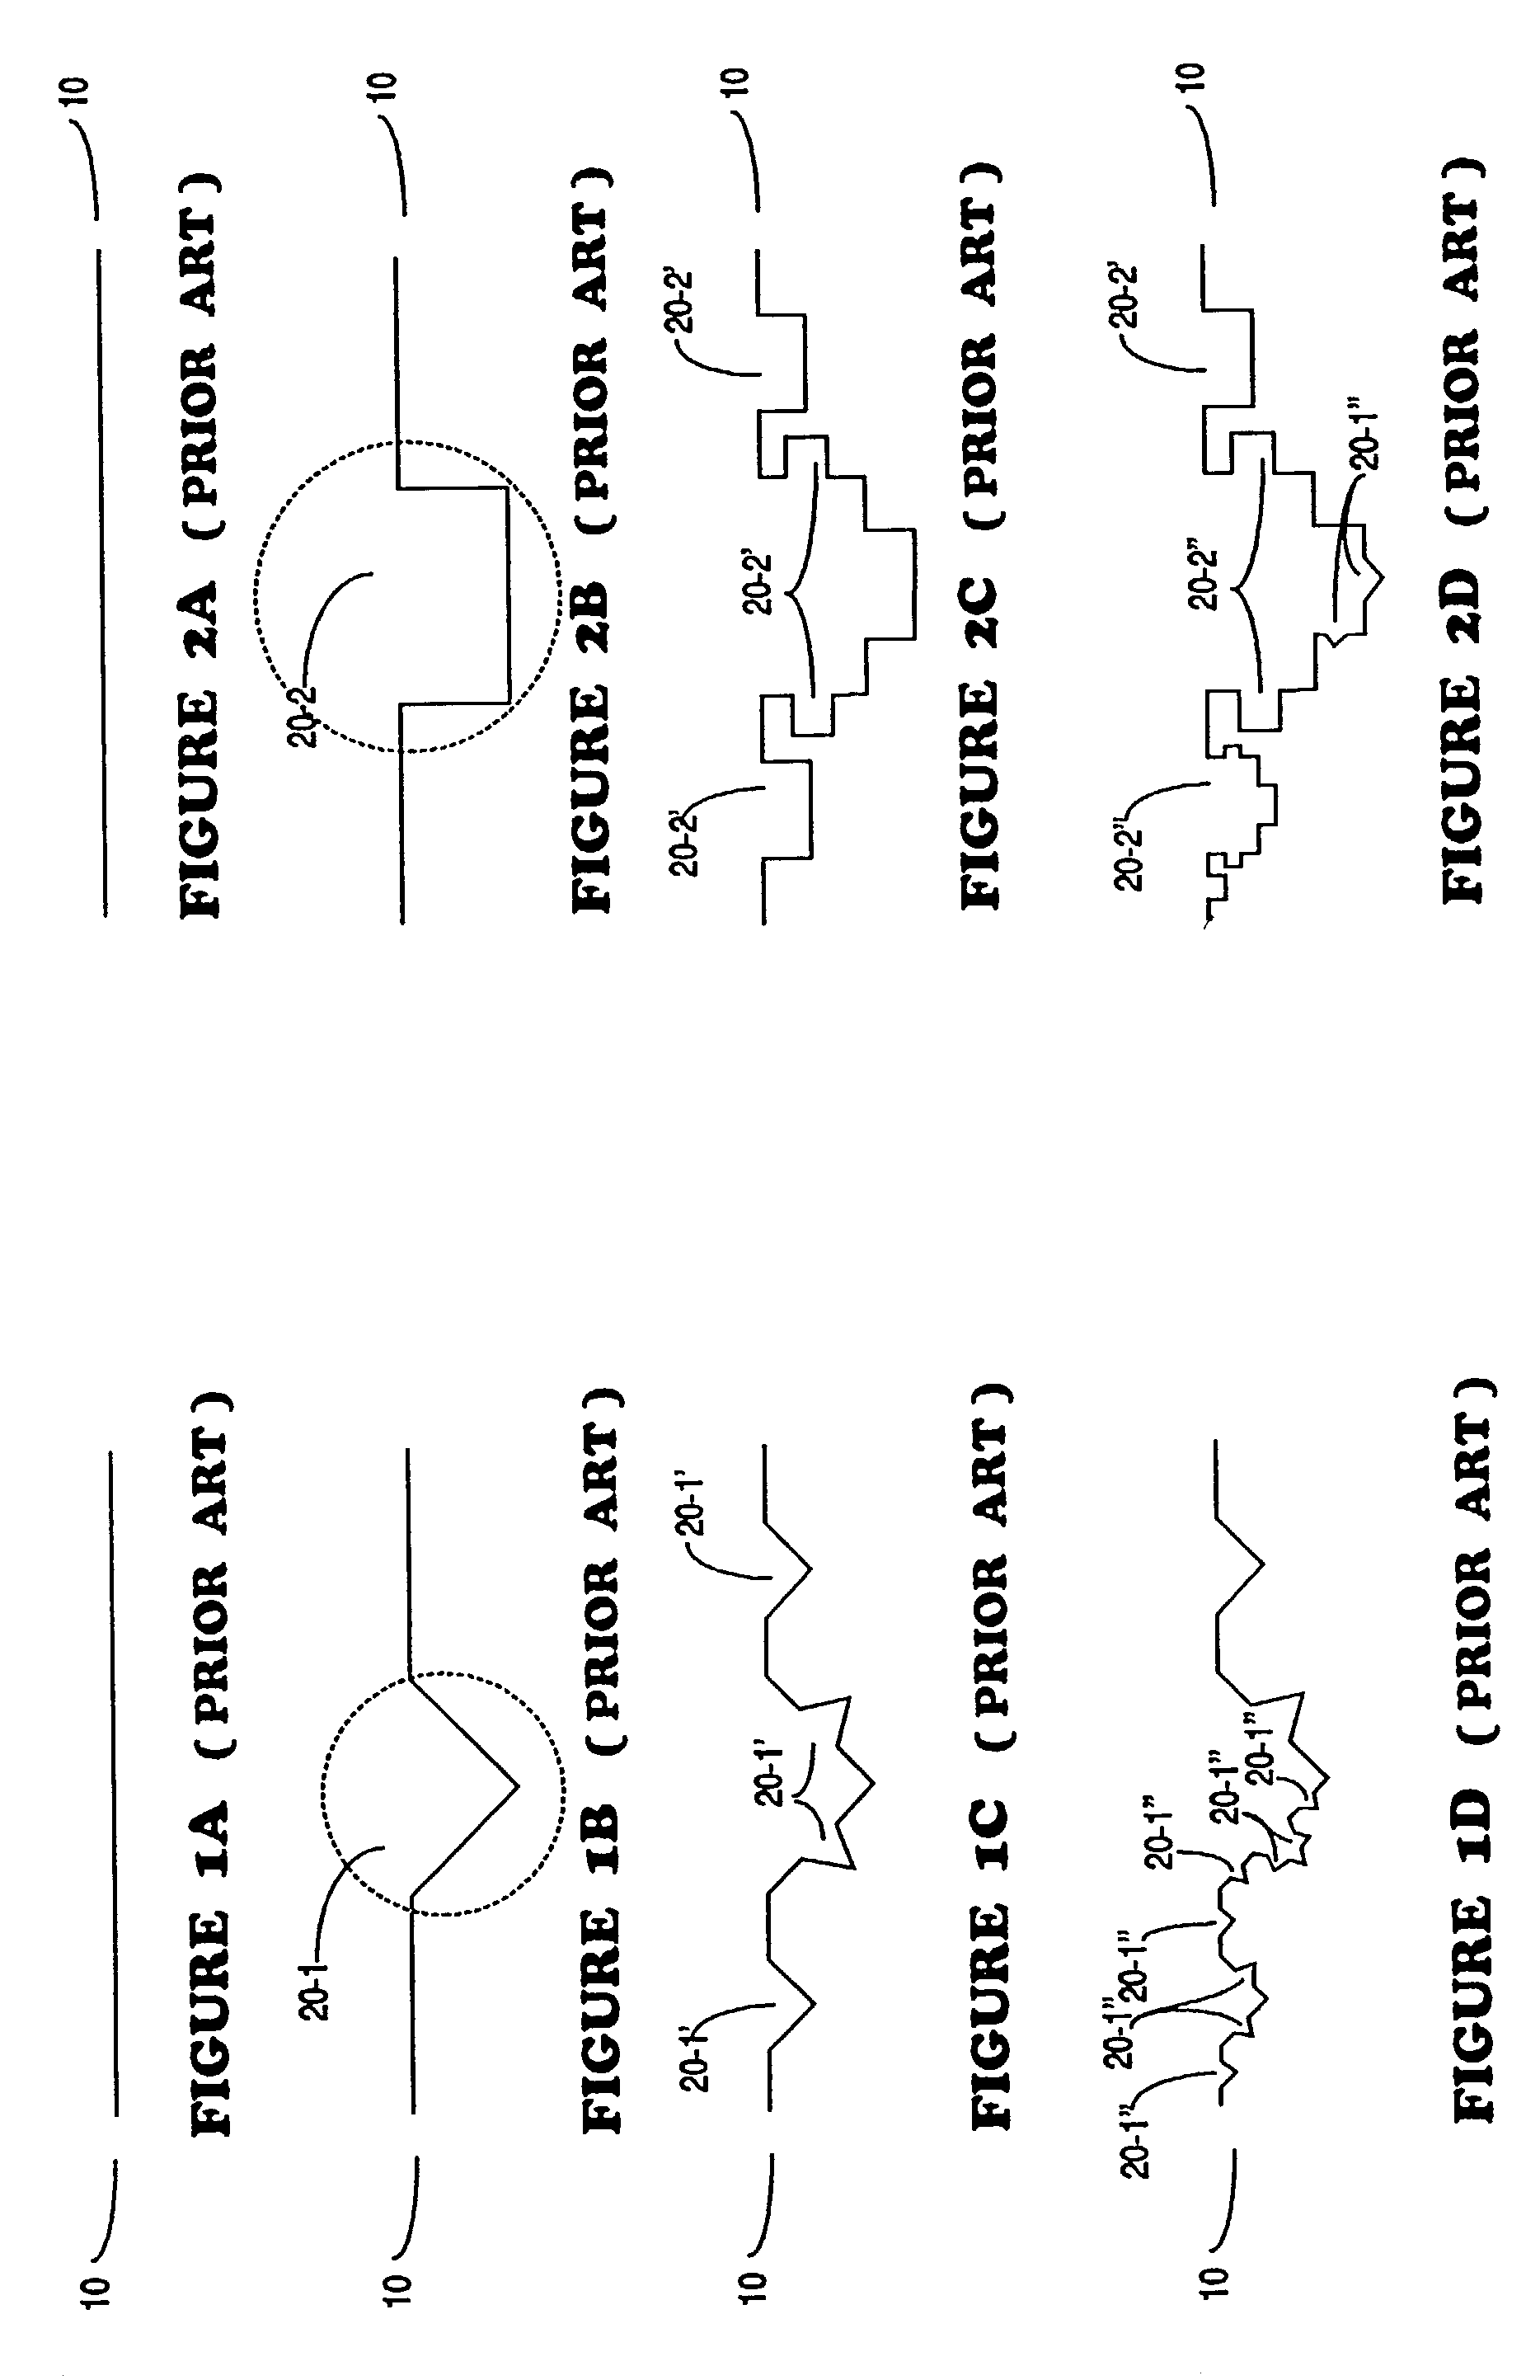 patent us7019695